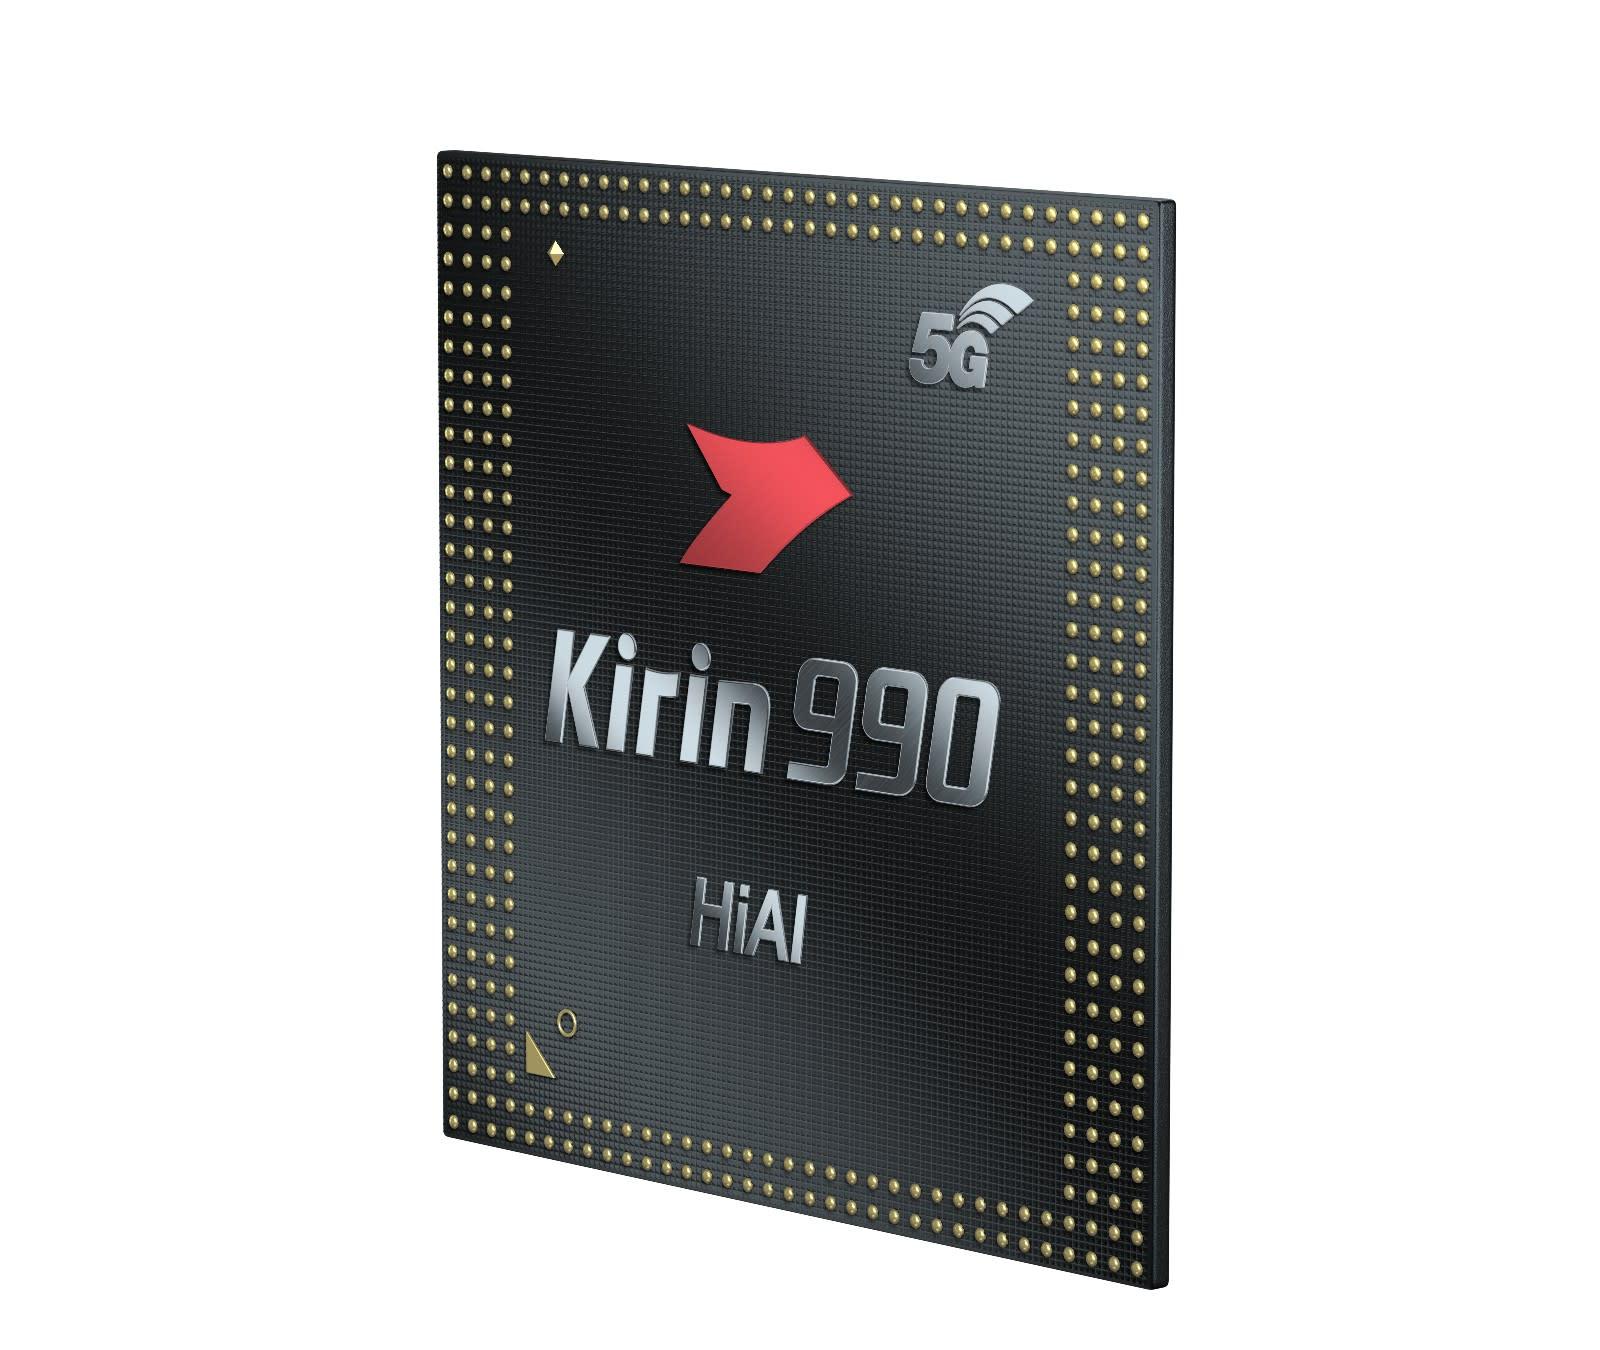 Huawei's Kirin 990 SoC